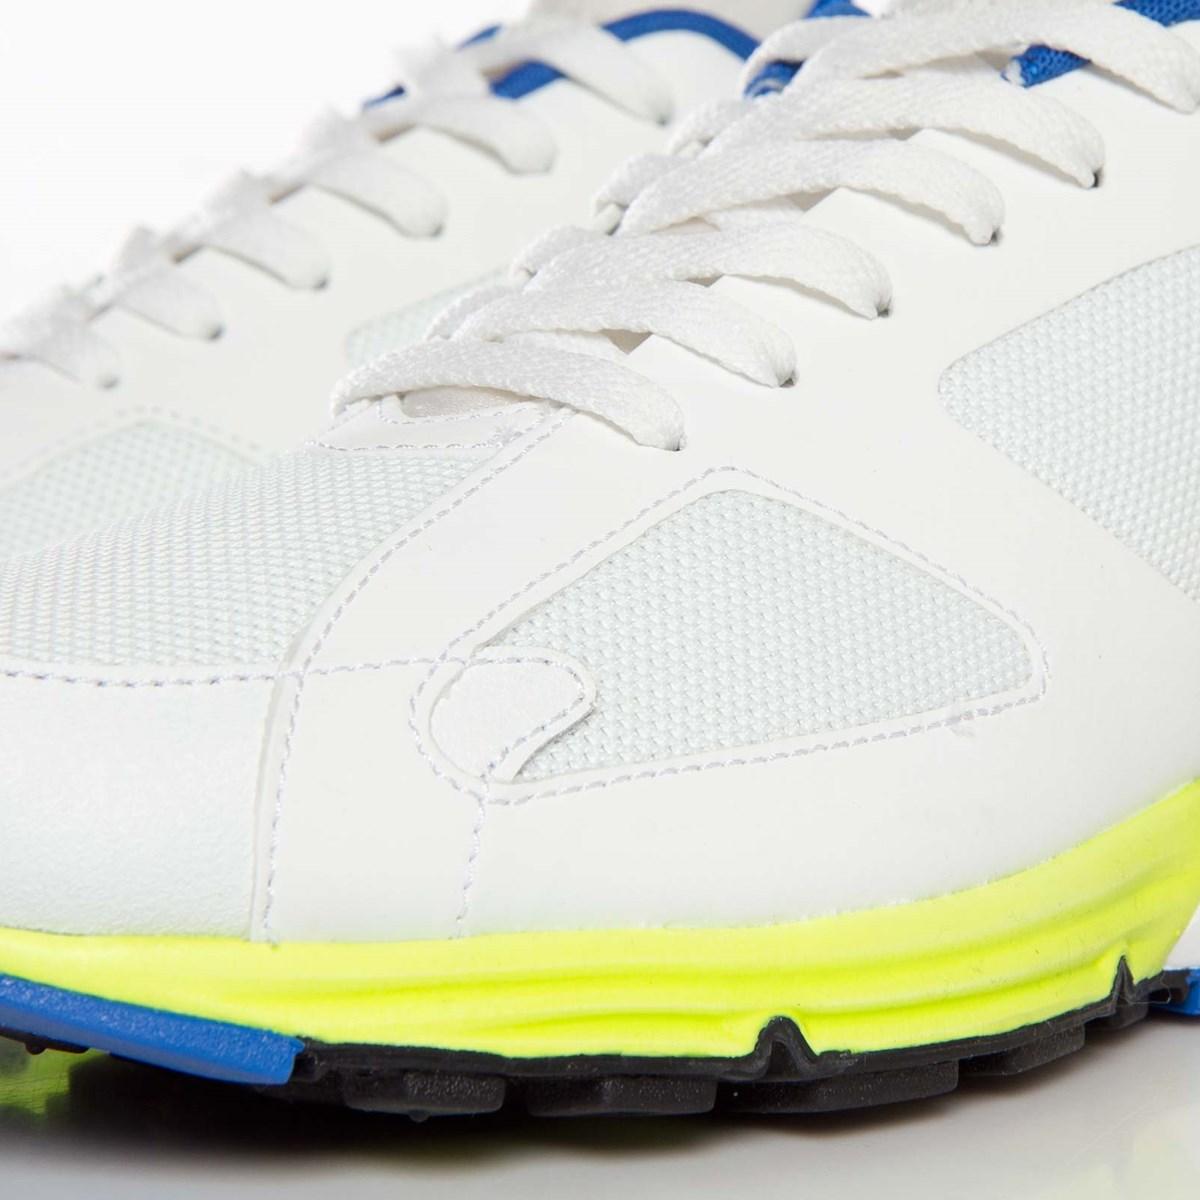 ea4cecd1a79b Nike Air Max Terra 180 QS - 626500-134 - Sneakersnstuff